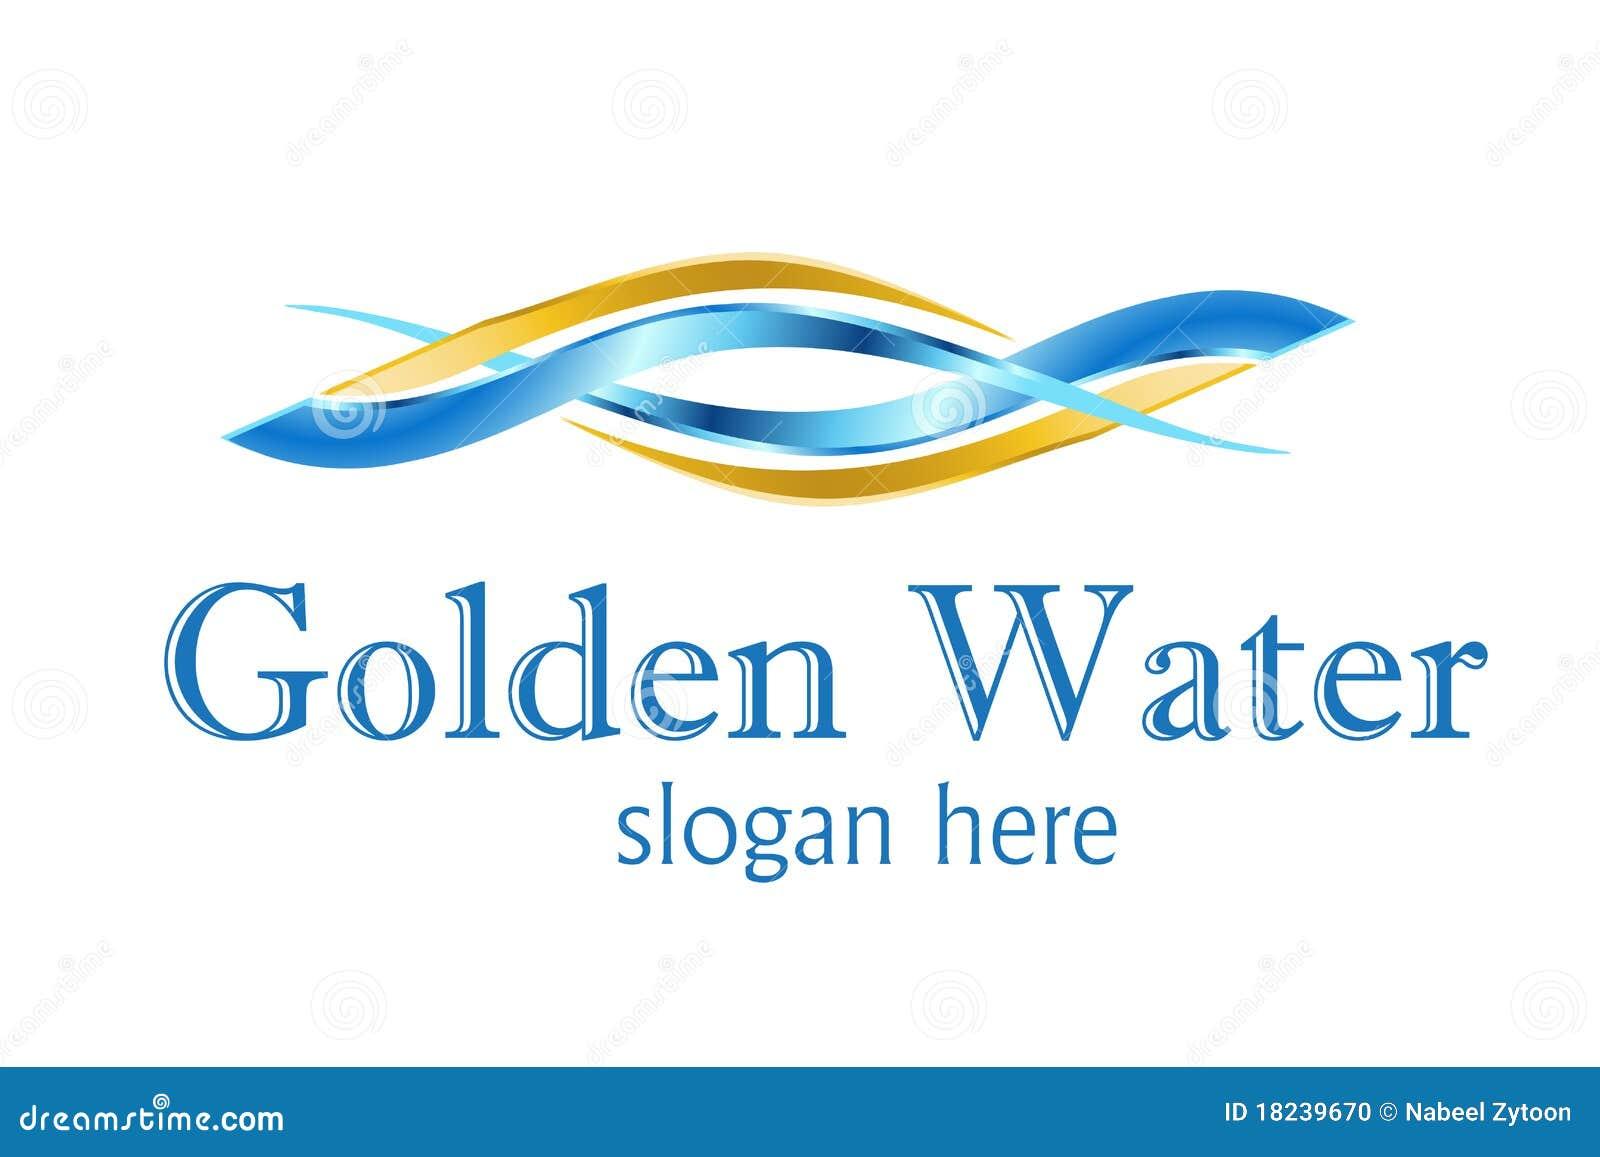 Best 25+ Water logo ideas on Pinterest | Drop logo